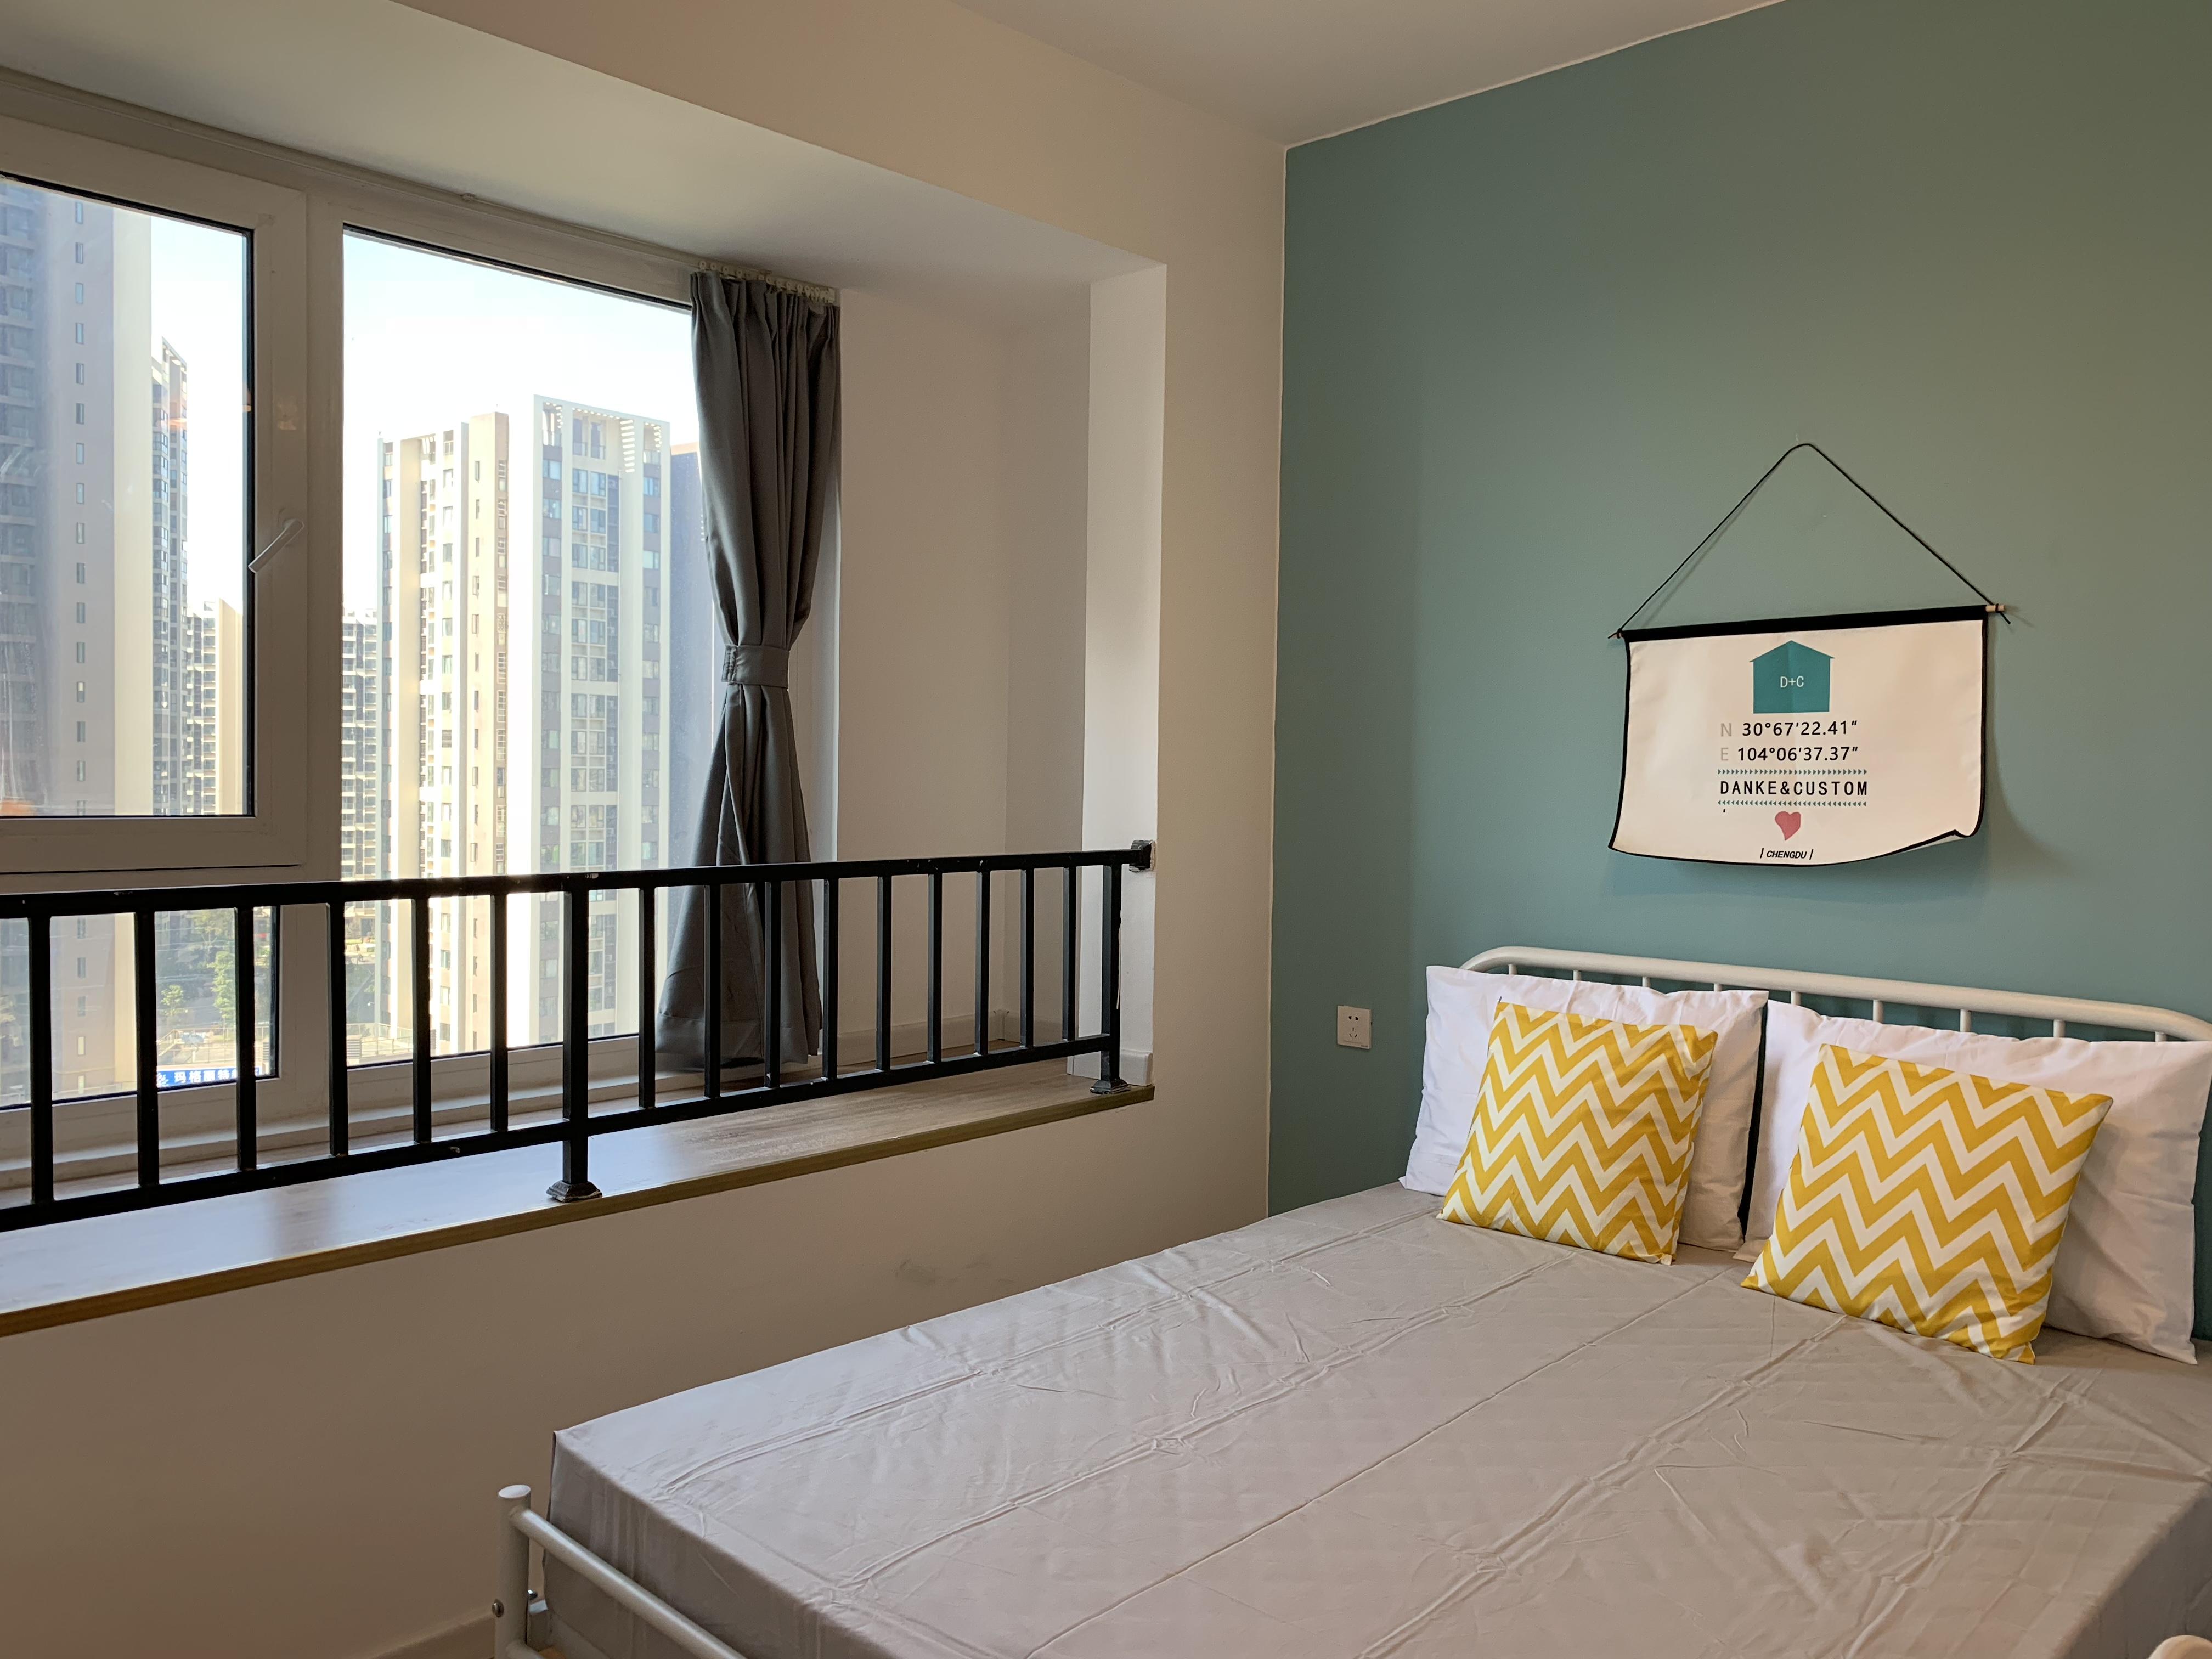 合租 | 北辰朗诗南门绿郡 5室1厅 西_个人房源价格信息-代天下成都租房网